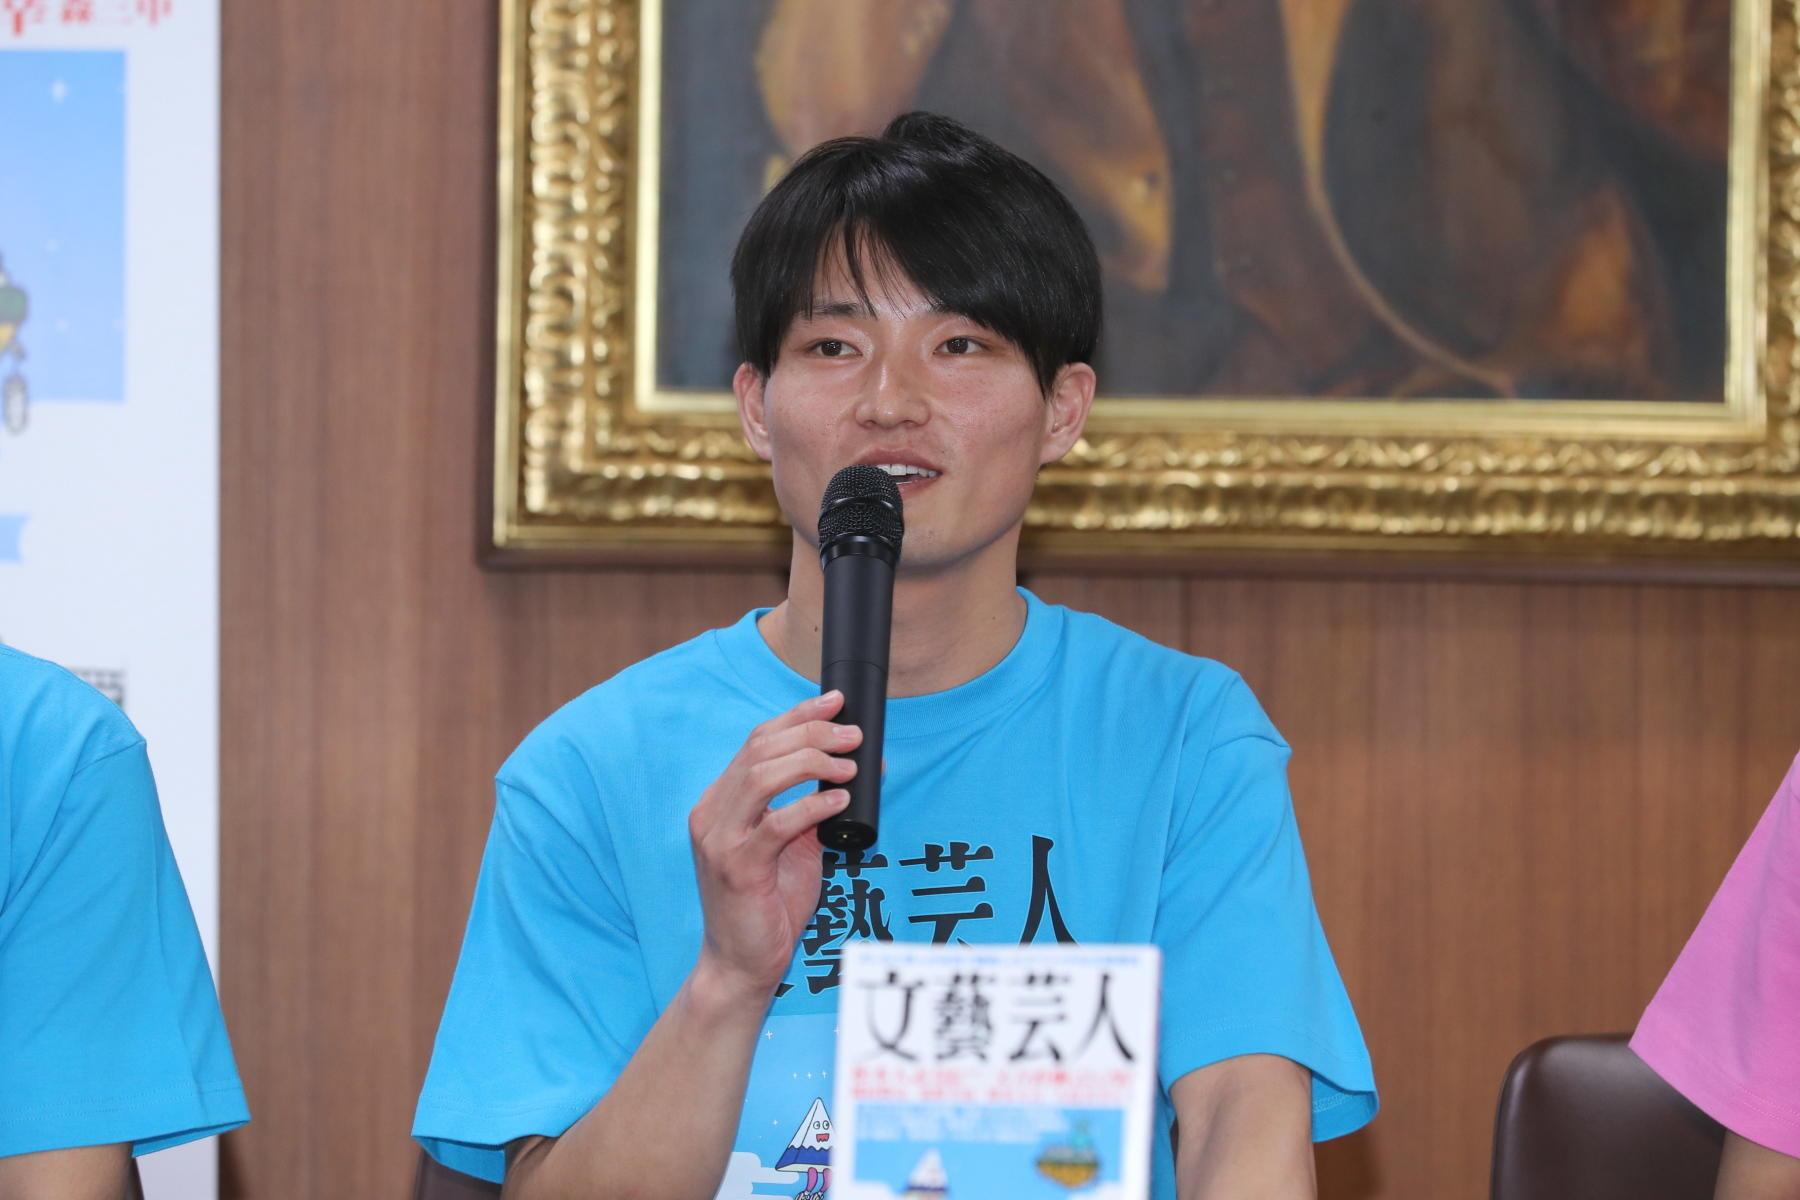 http://news.yoshimoto.co.jp/20170316201749-e1d91377b3110dabcce395dd27c2e4661098f713.jpg